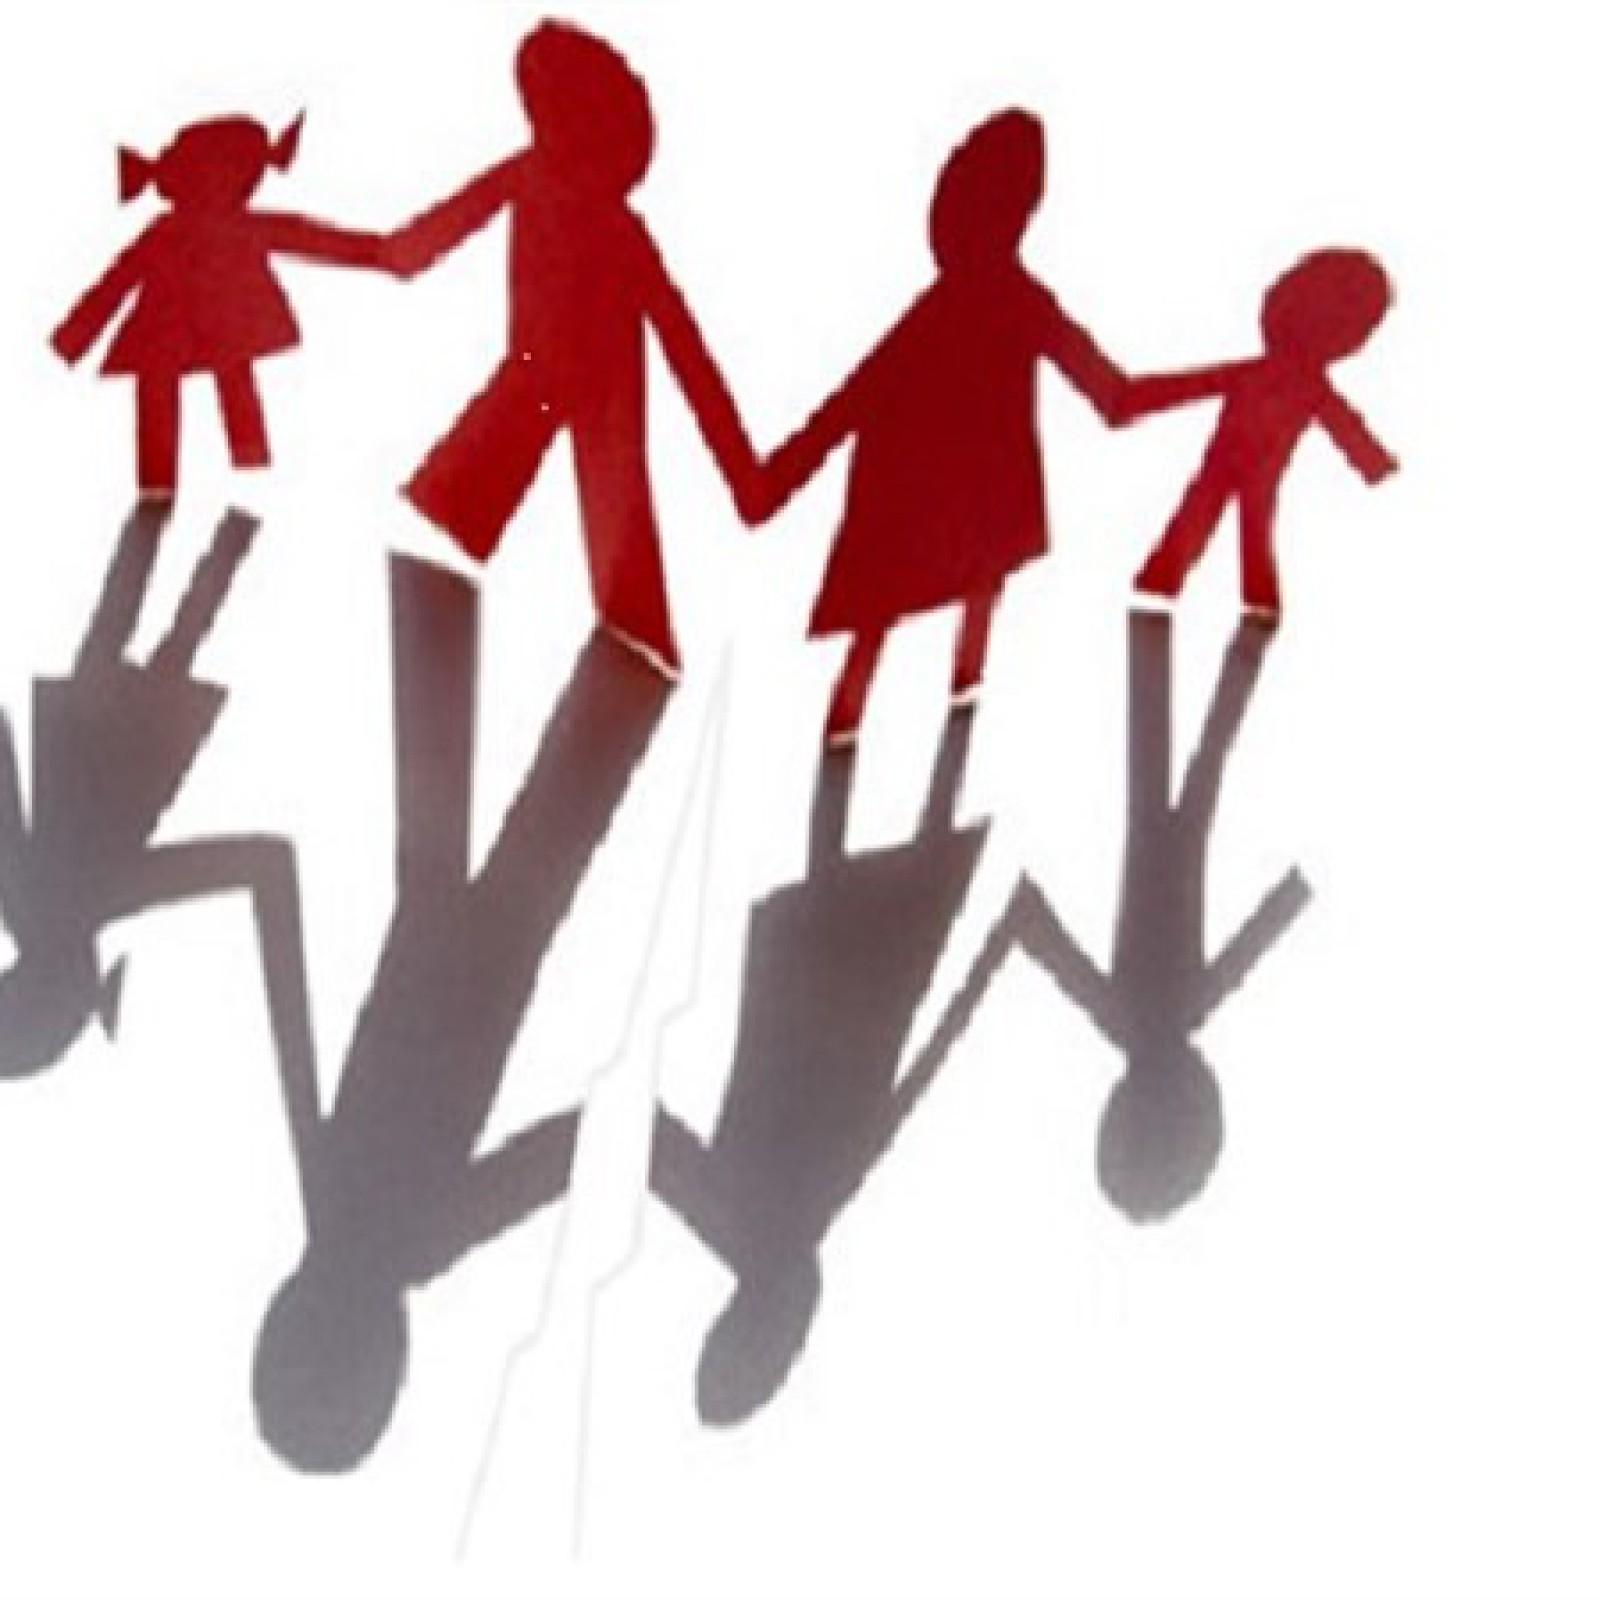 Il genitore che pregiudica il rapporto dell'altro genitore con il figlio deve risarcire il danno ad entrambi